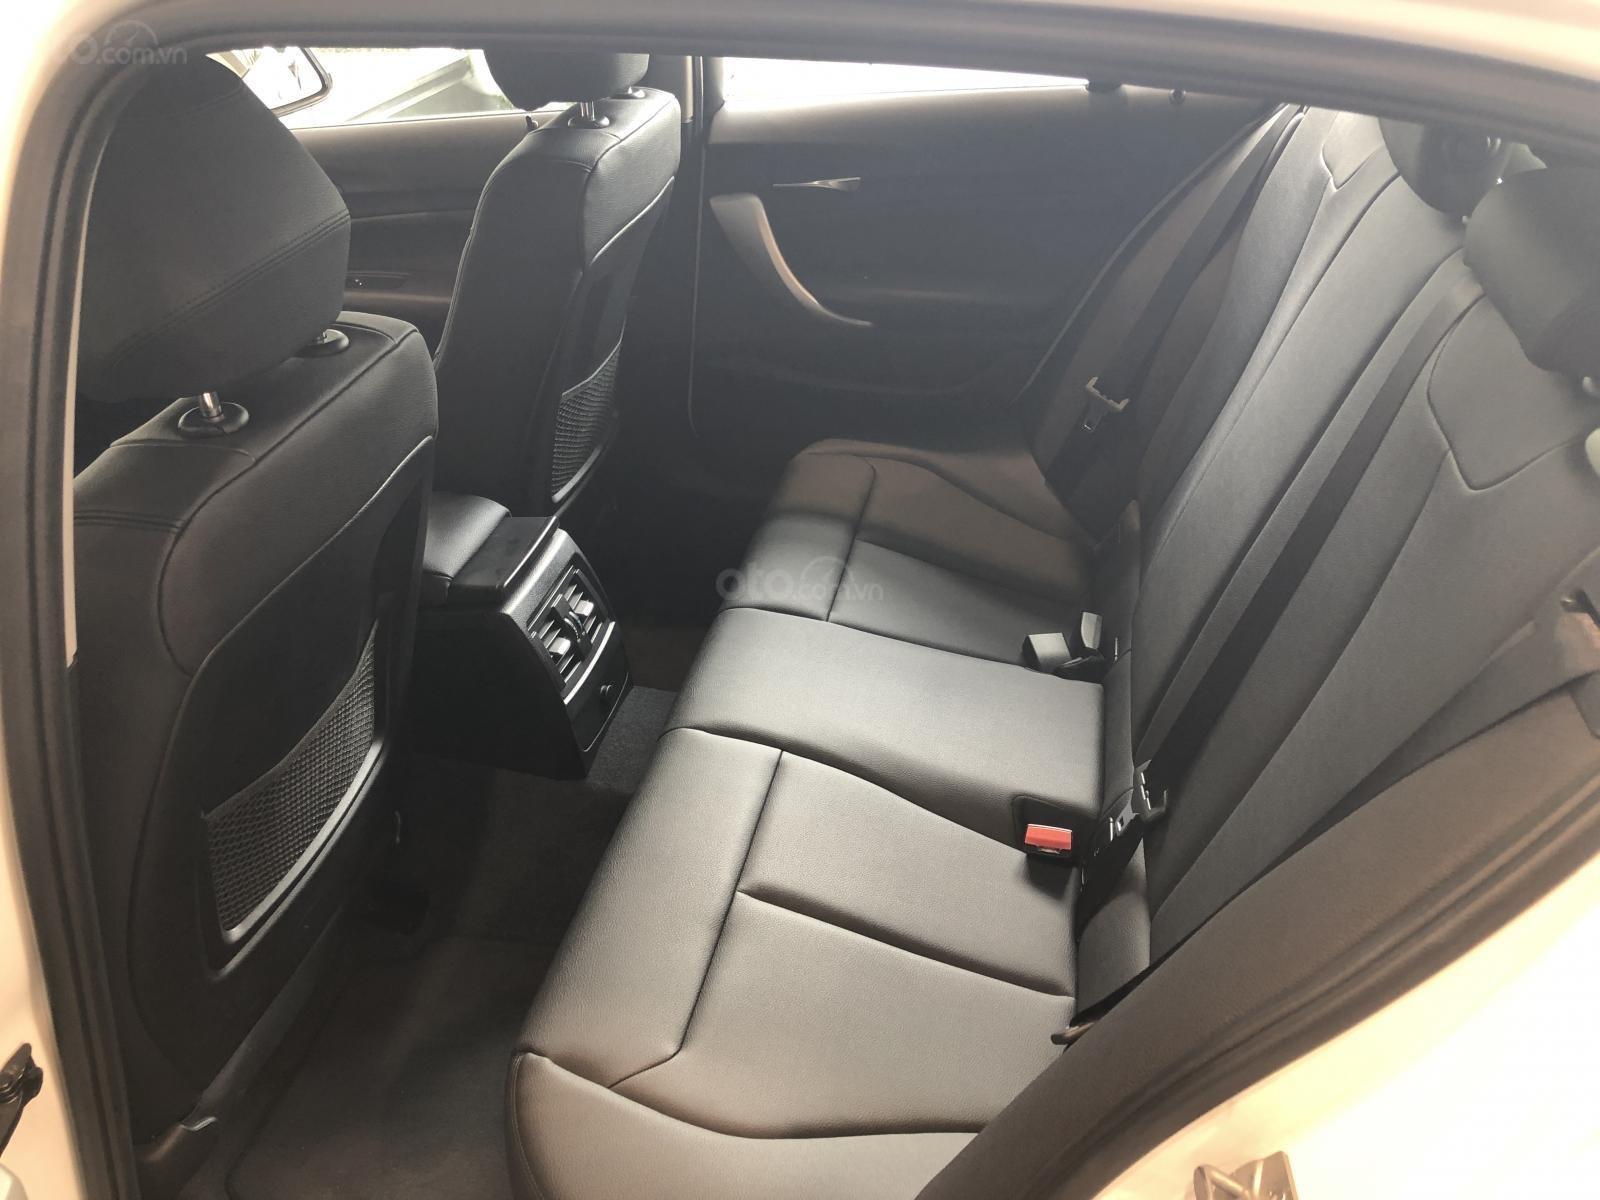 Cần bán xe BMW 1 Series 118i năm sản xuất 2018, màu trắng, xe nhập-4